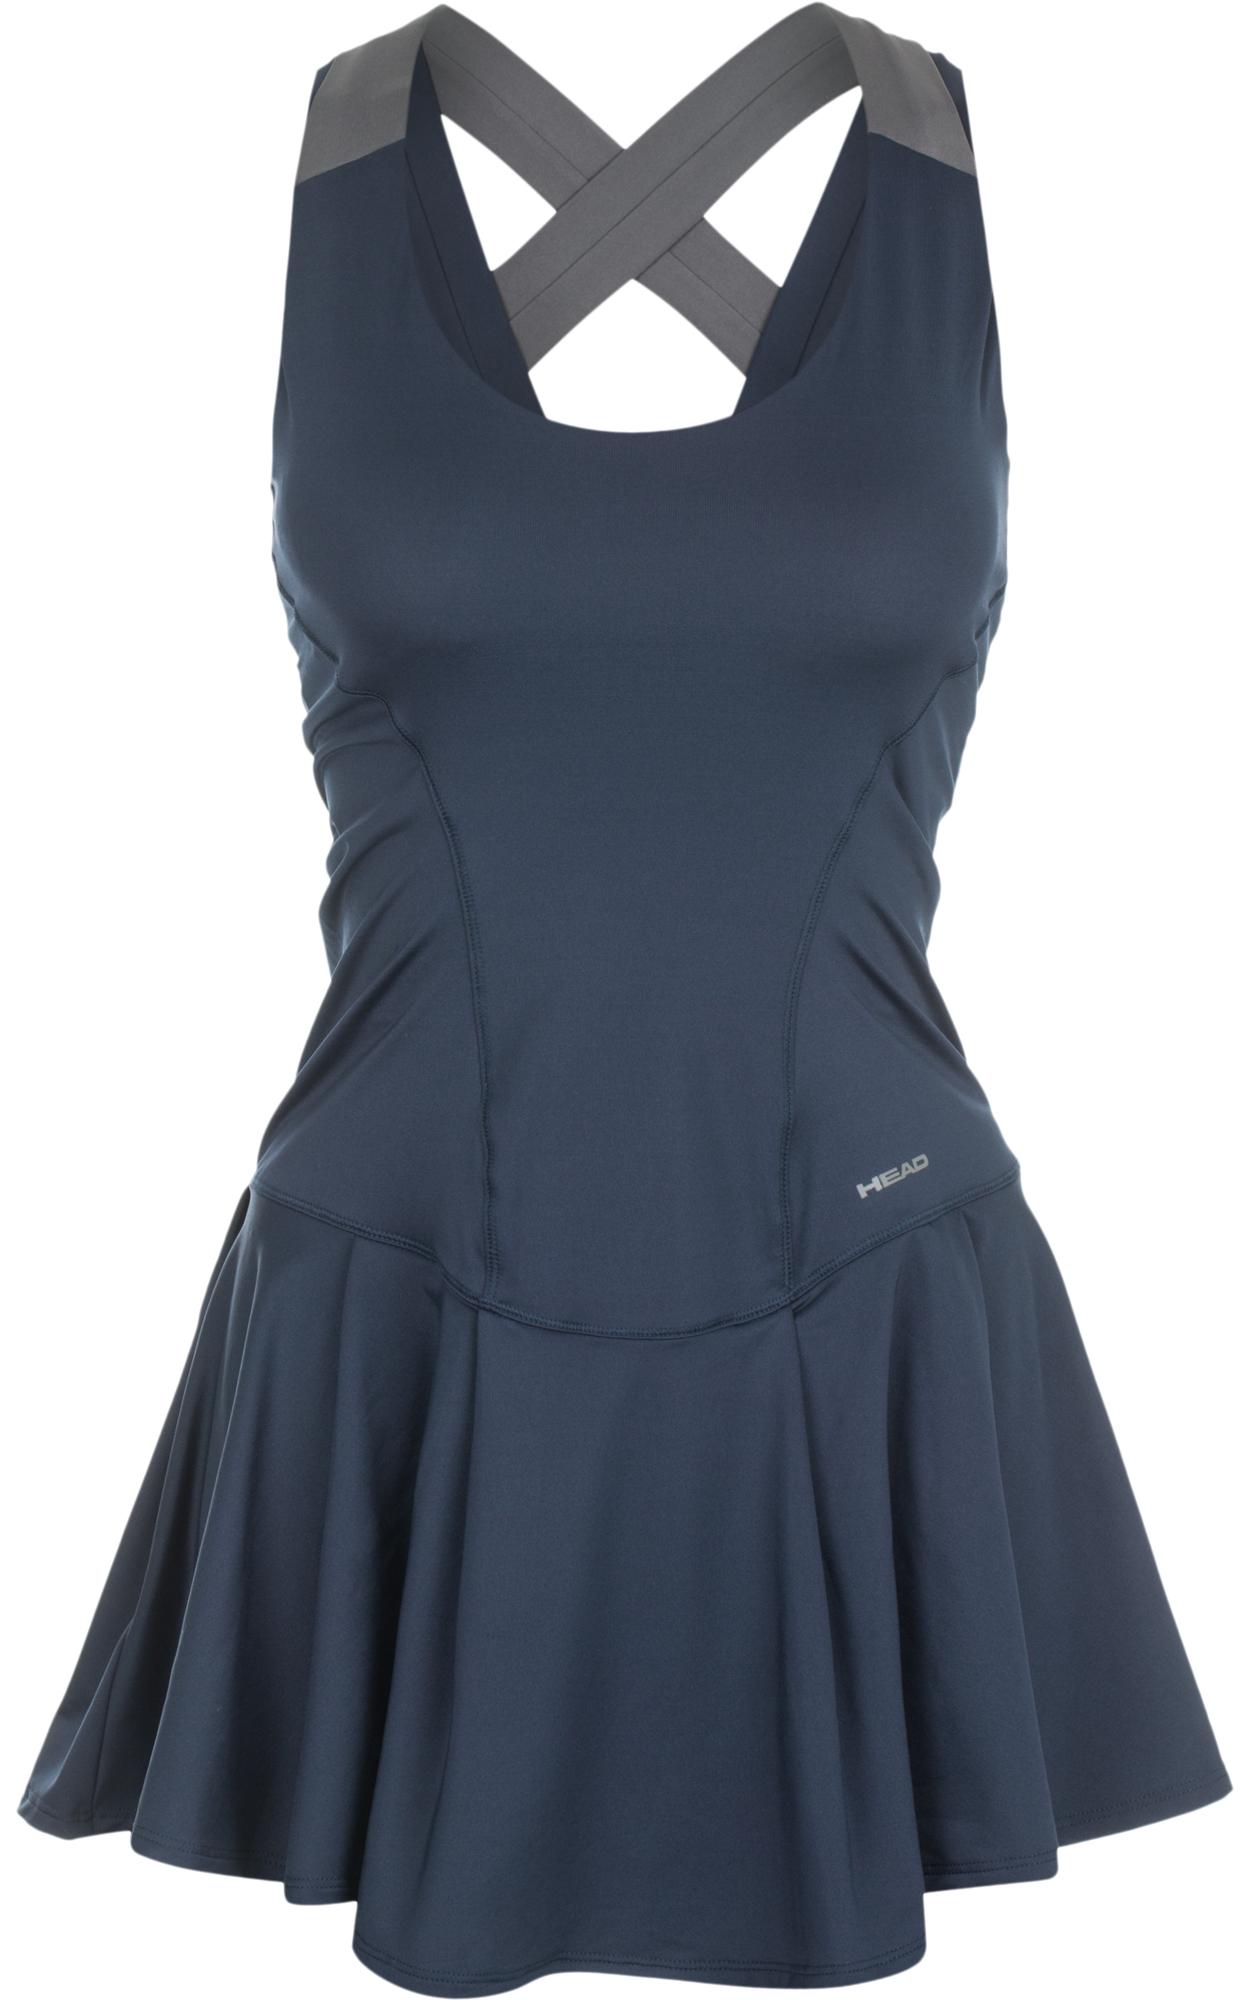 купить Head Платье женское Head Vision, размер 40-42 по цене 2999 рублей